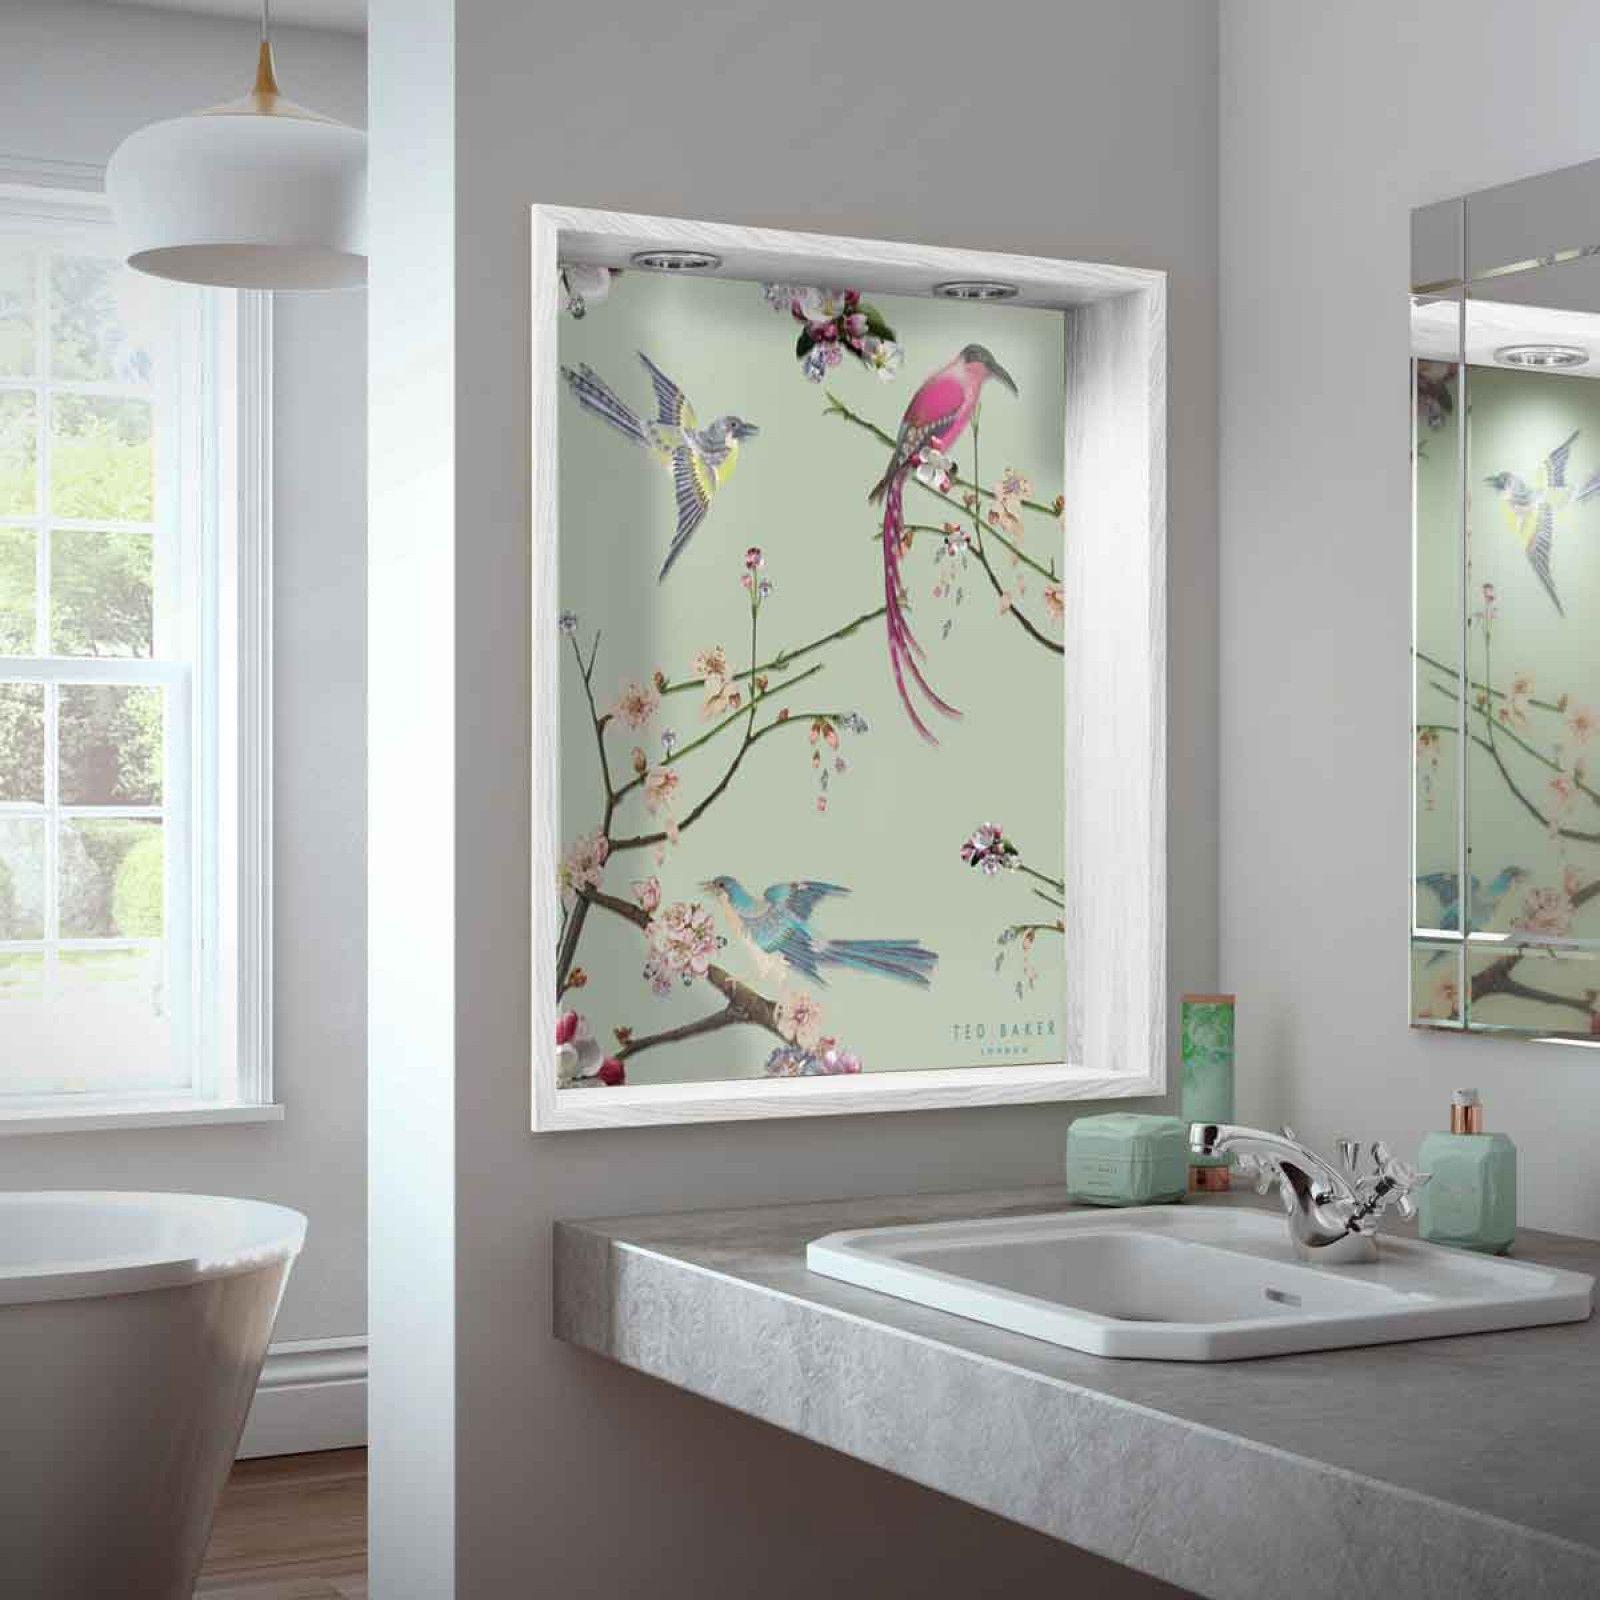 Ted Baker Splashbacks In 2020 Bathroom Interior Tiles